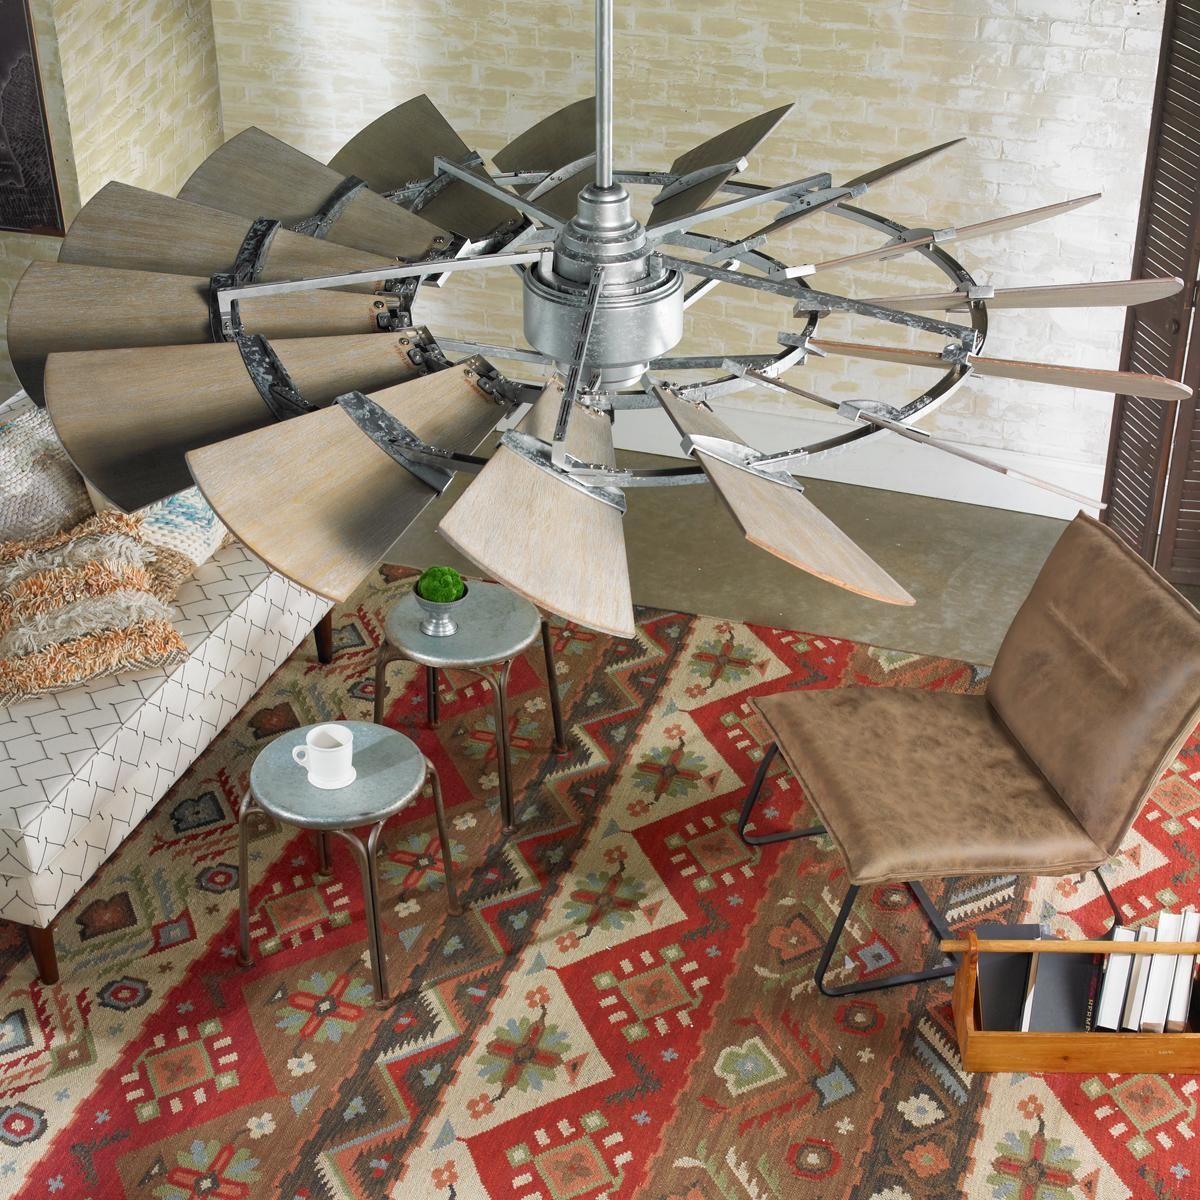 60 Outdoor Rustic Windmill Ceiling Fan Windmill Ceiling Fan